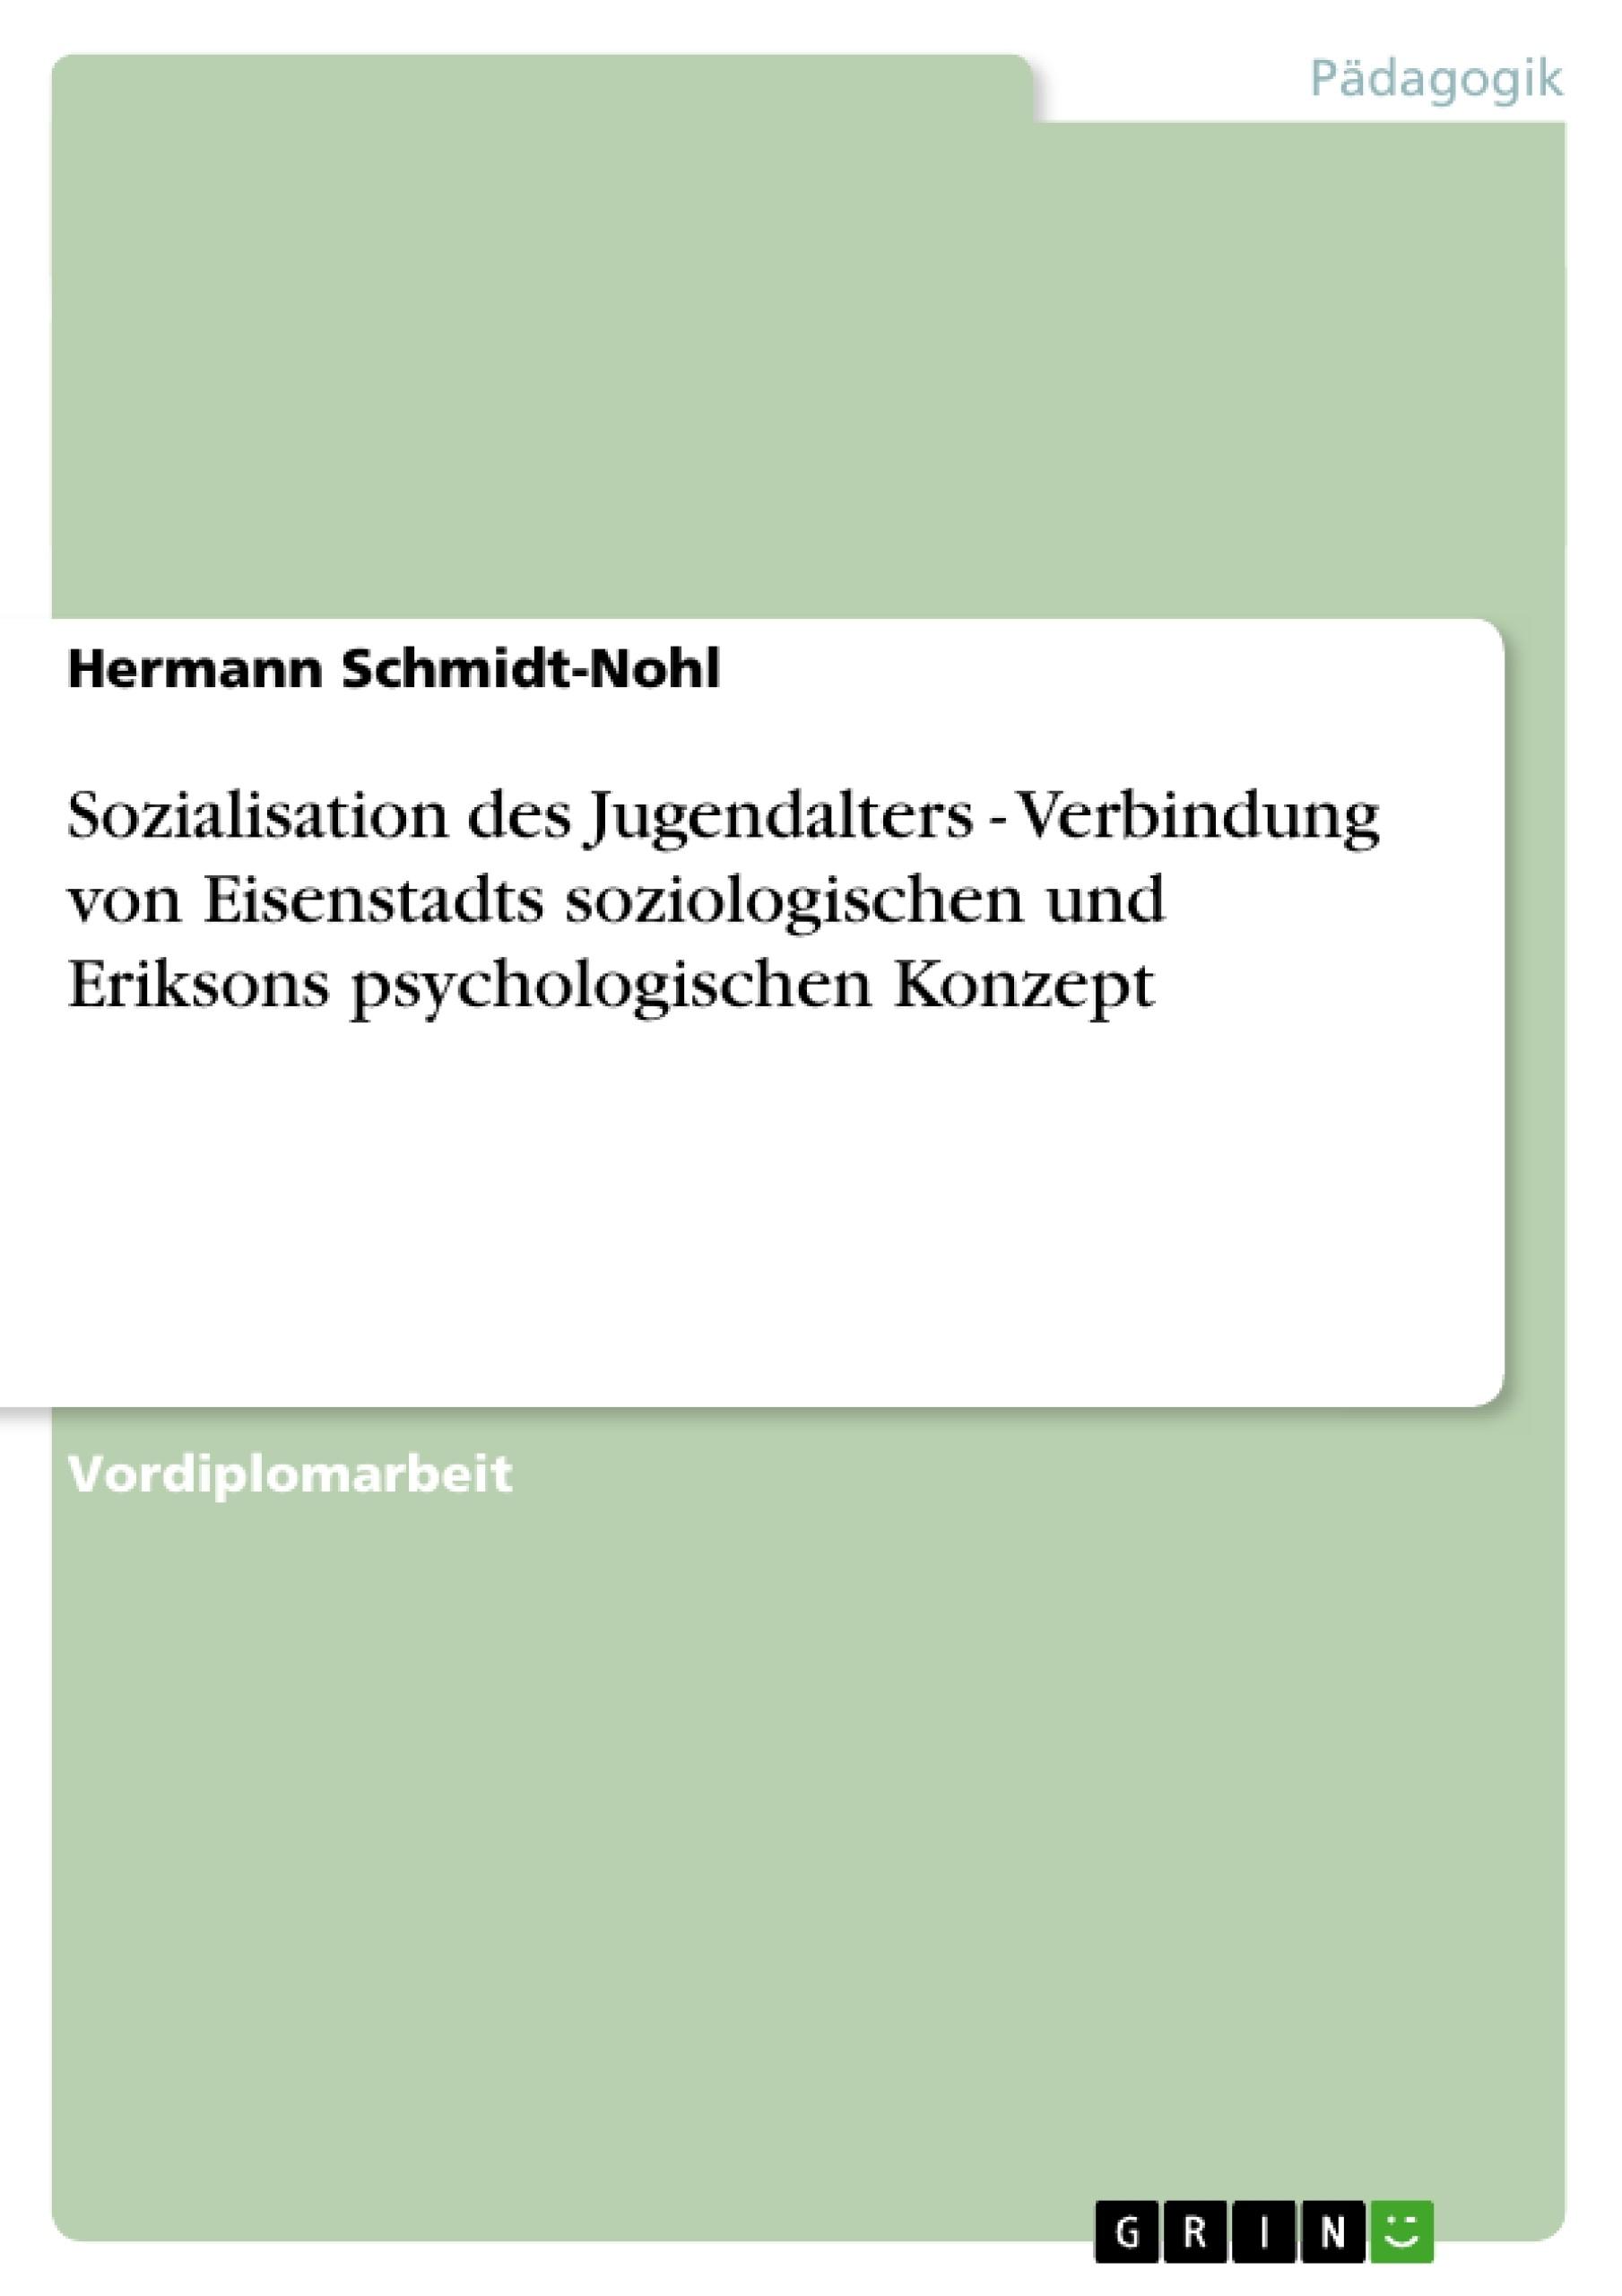 Titel: Sozialisation des Jugendalters - Verbindung von Eisenstadts soziologischen und Eriksons psychologischen Konzept